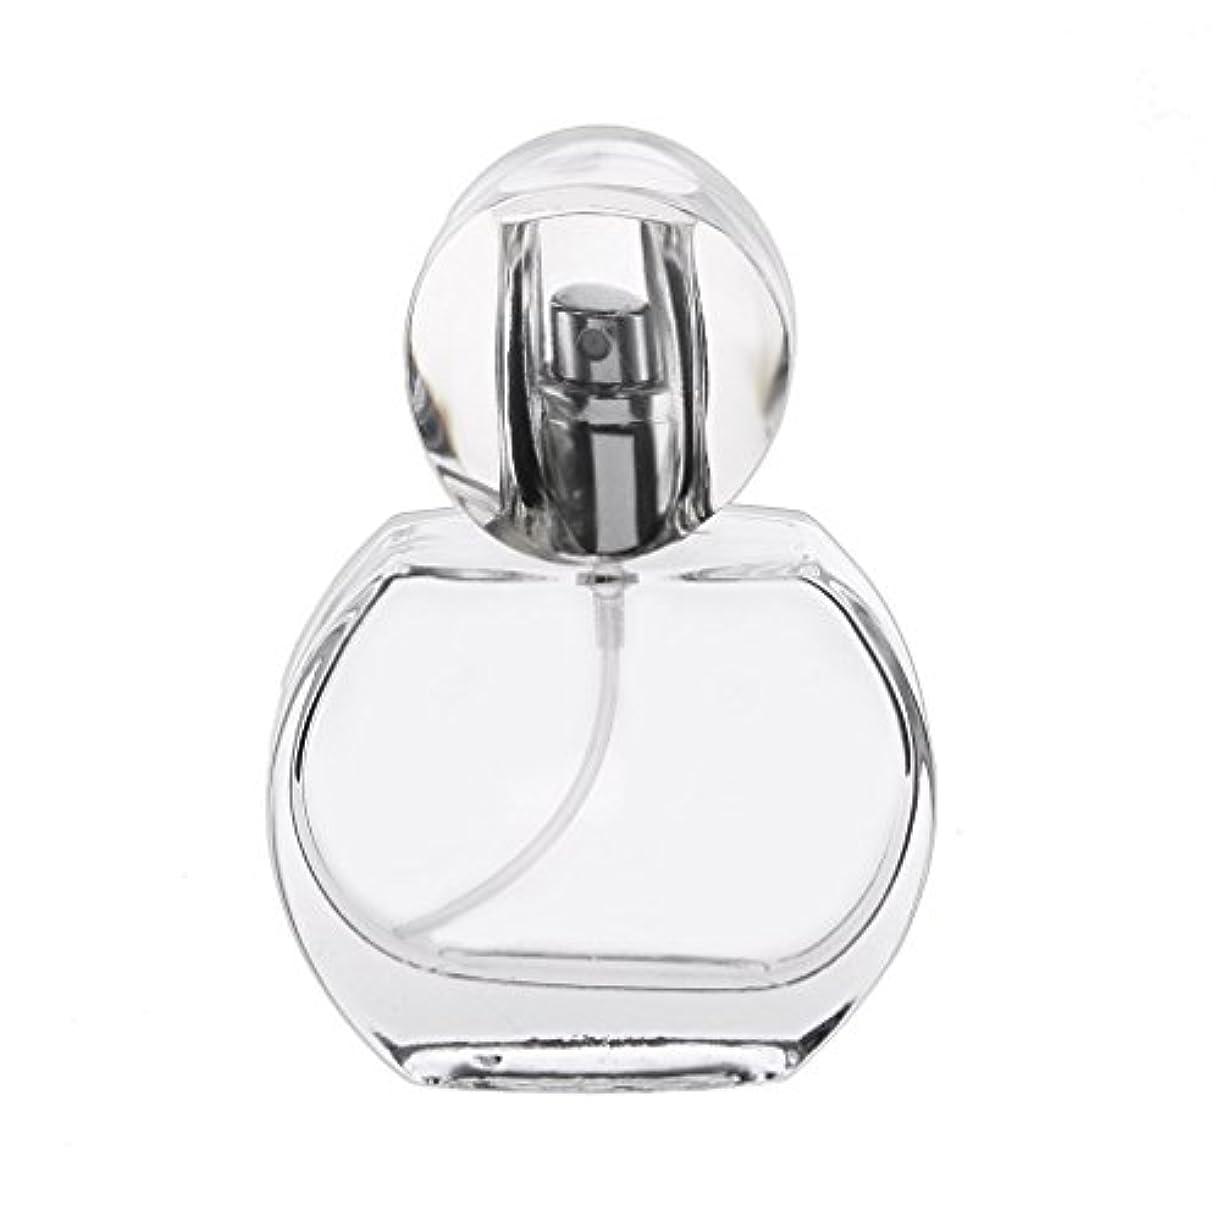 故障中火うま30ml クリスタル エンプティ 空 香水瓶 スプレーボトル アトマイザー 詰め替え 携帯便利